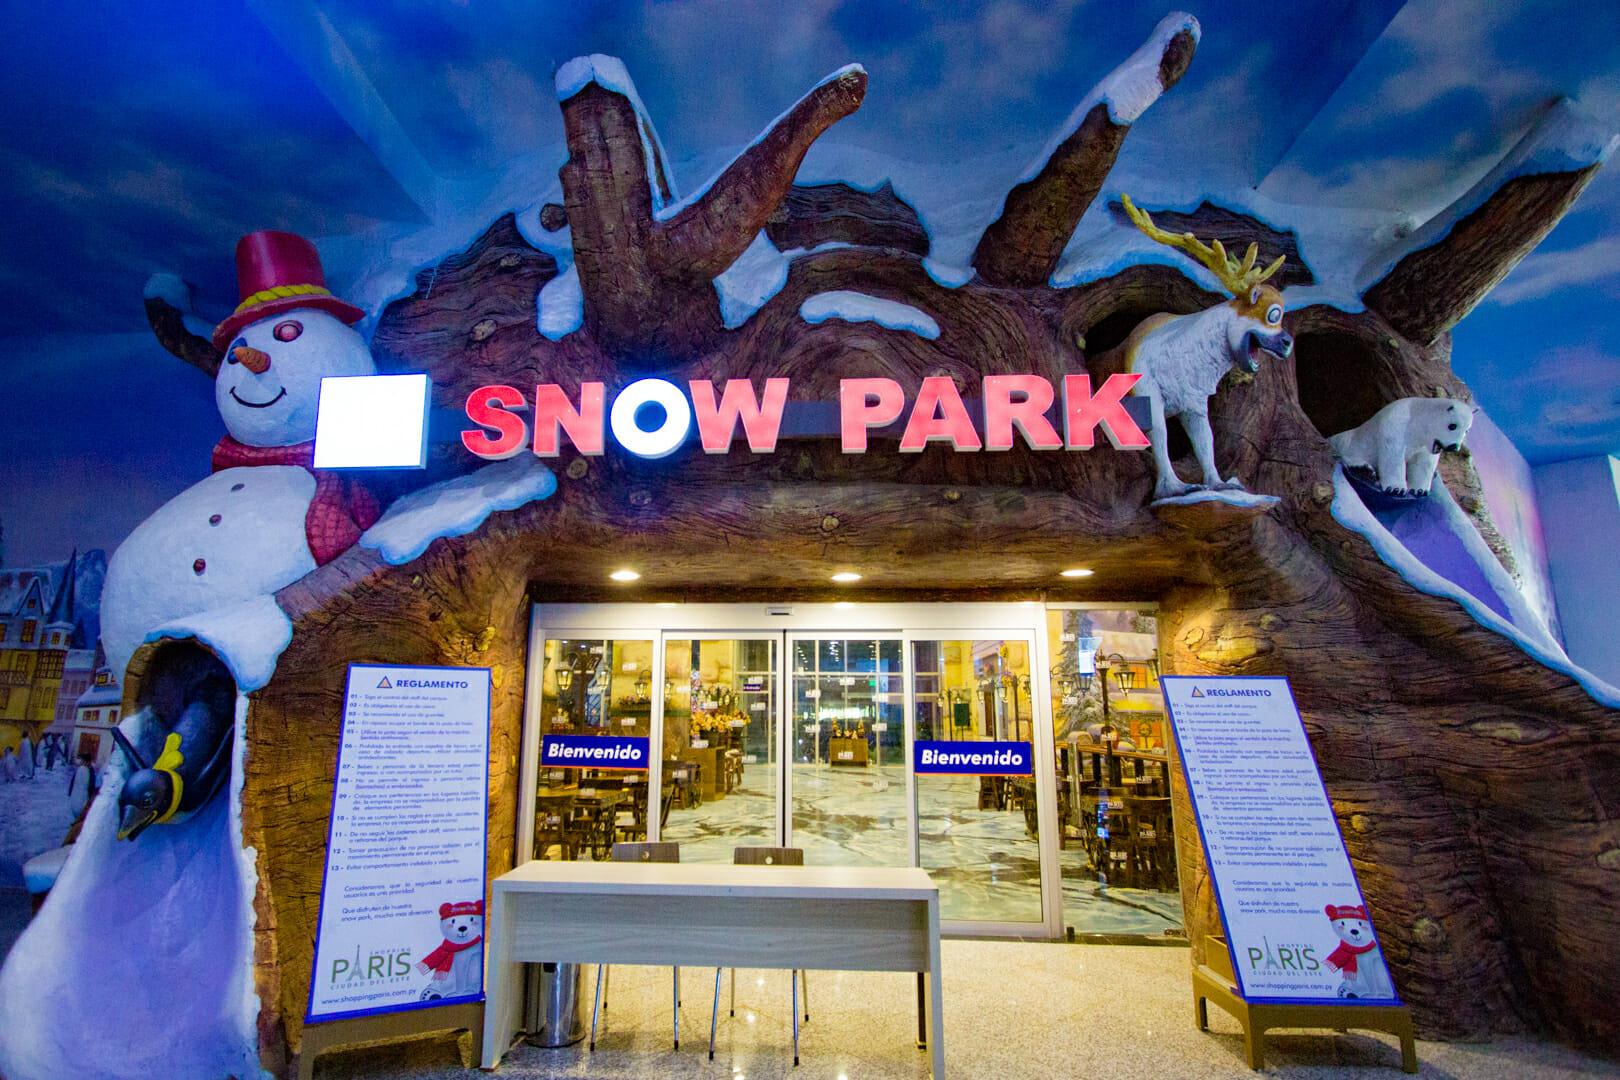 09 dicas do que fazer em Foz do Iguaçu quando chove Snow Park